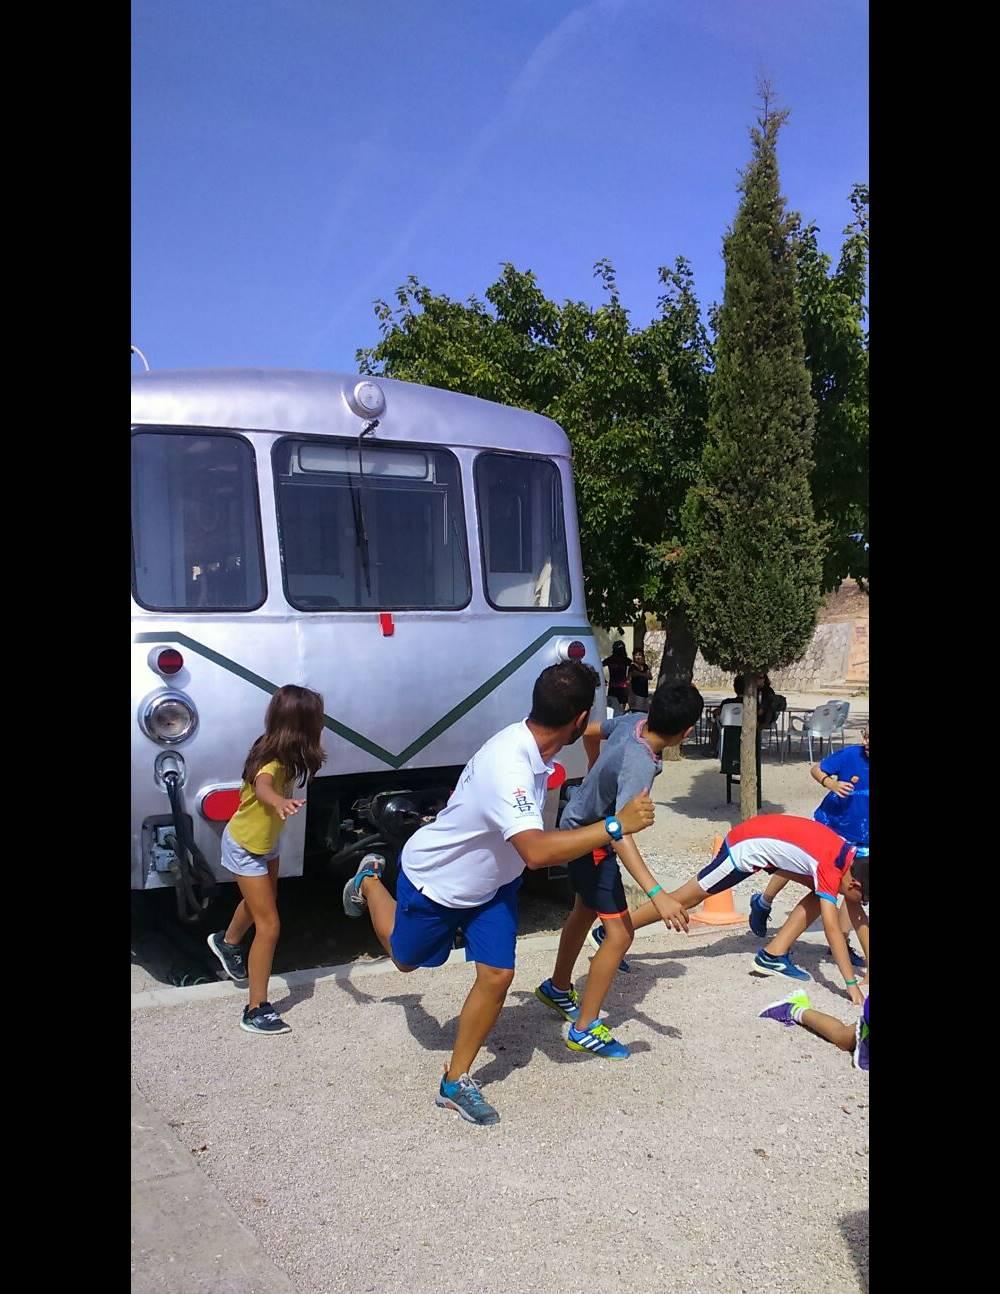 Vicenc D Efecto Vilar Rural Verano 2016 Cuidado con el tren